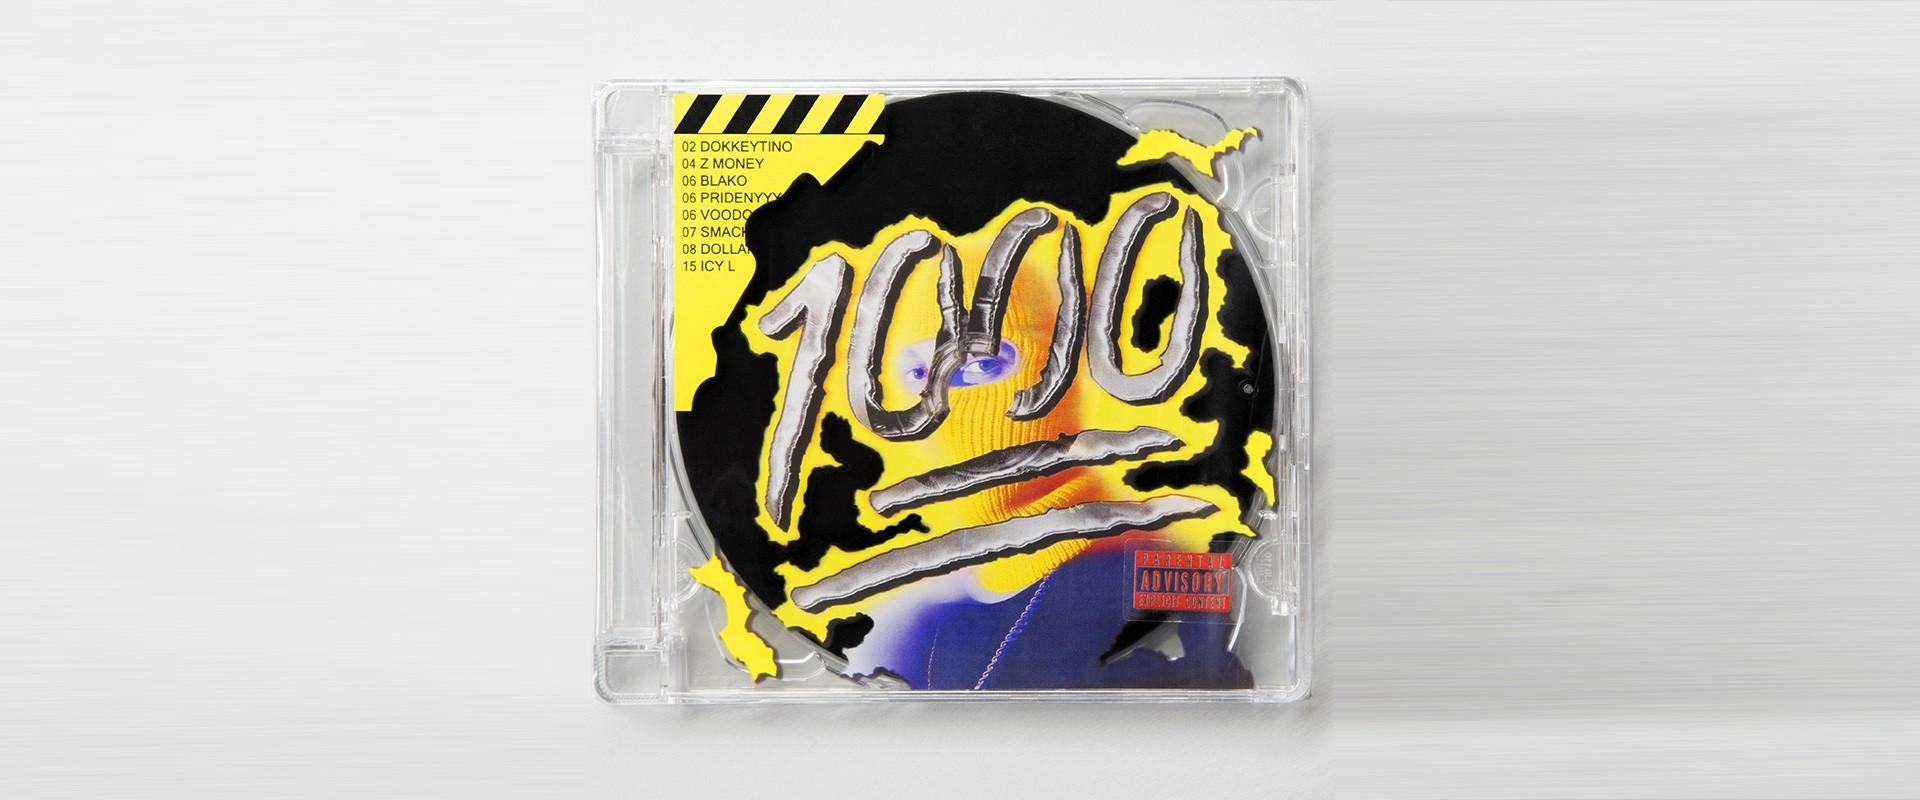 Posledních 300 kusů CD Hugo Toxxx 1000 z limitované edice.